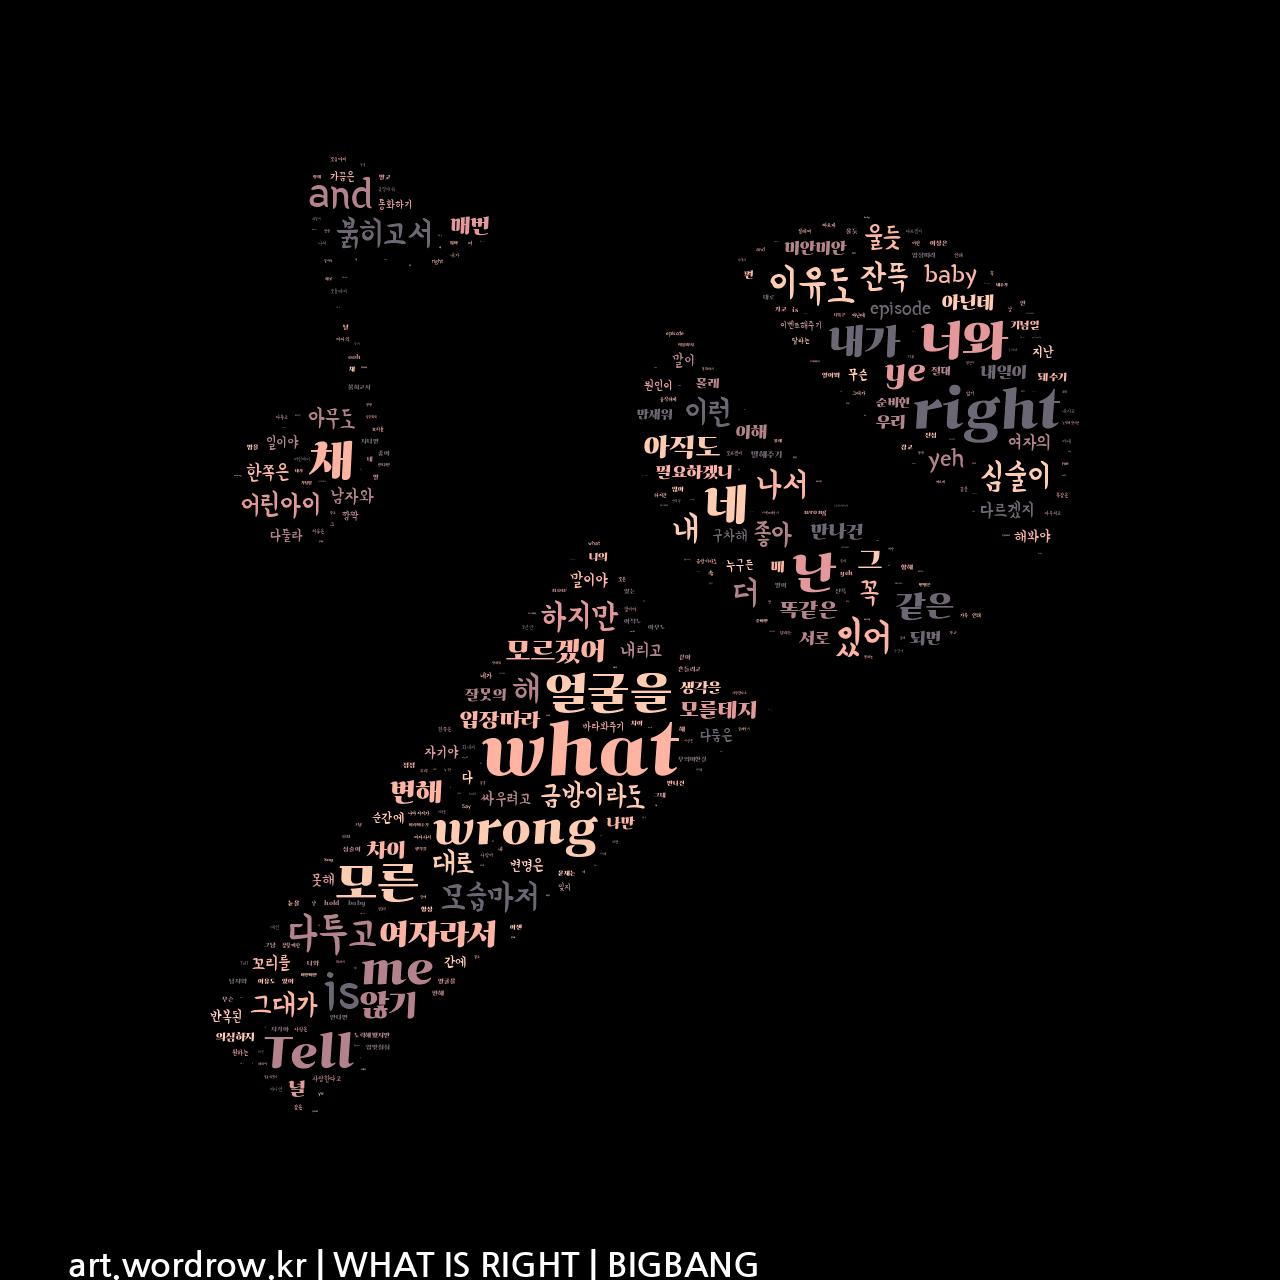 워드 클라우드: WHAT IS RIGHT [BIGBANG]-20